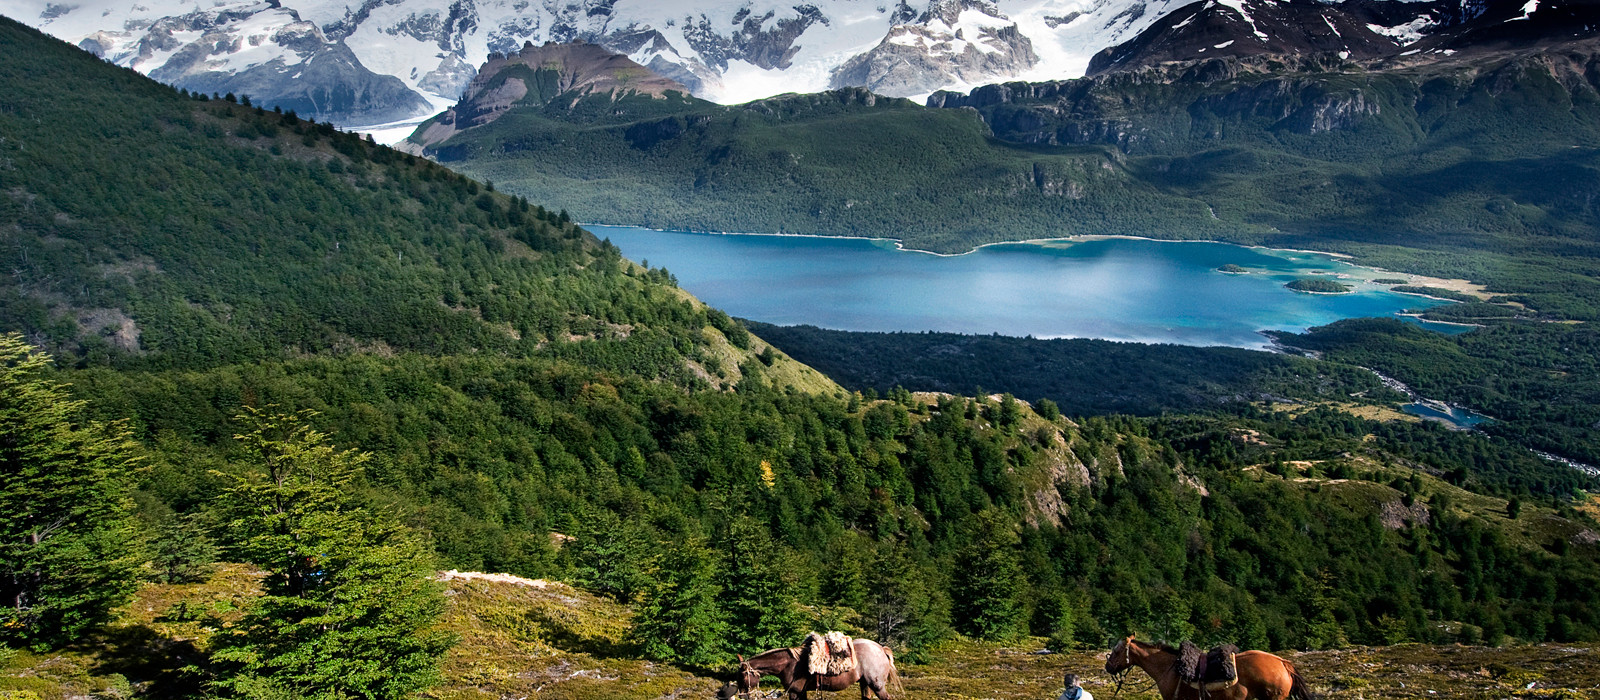 Berglandschaft mit Pferden im Vordergrund vor einem See in Patagonien, Argentinien